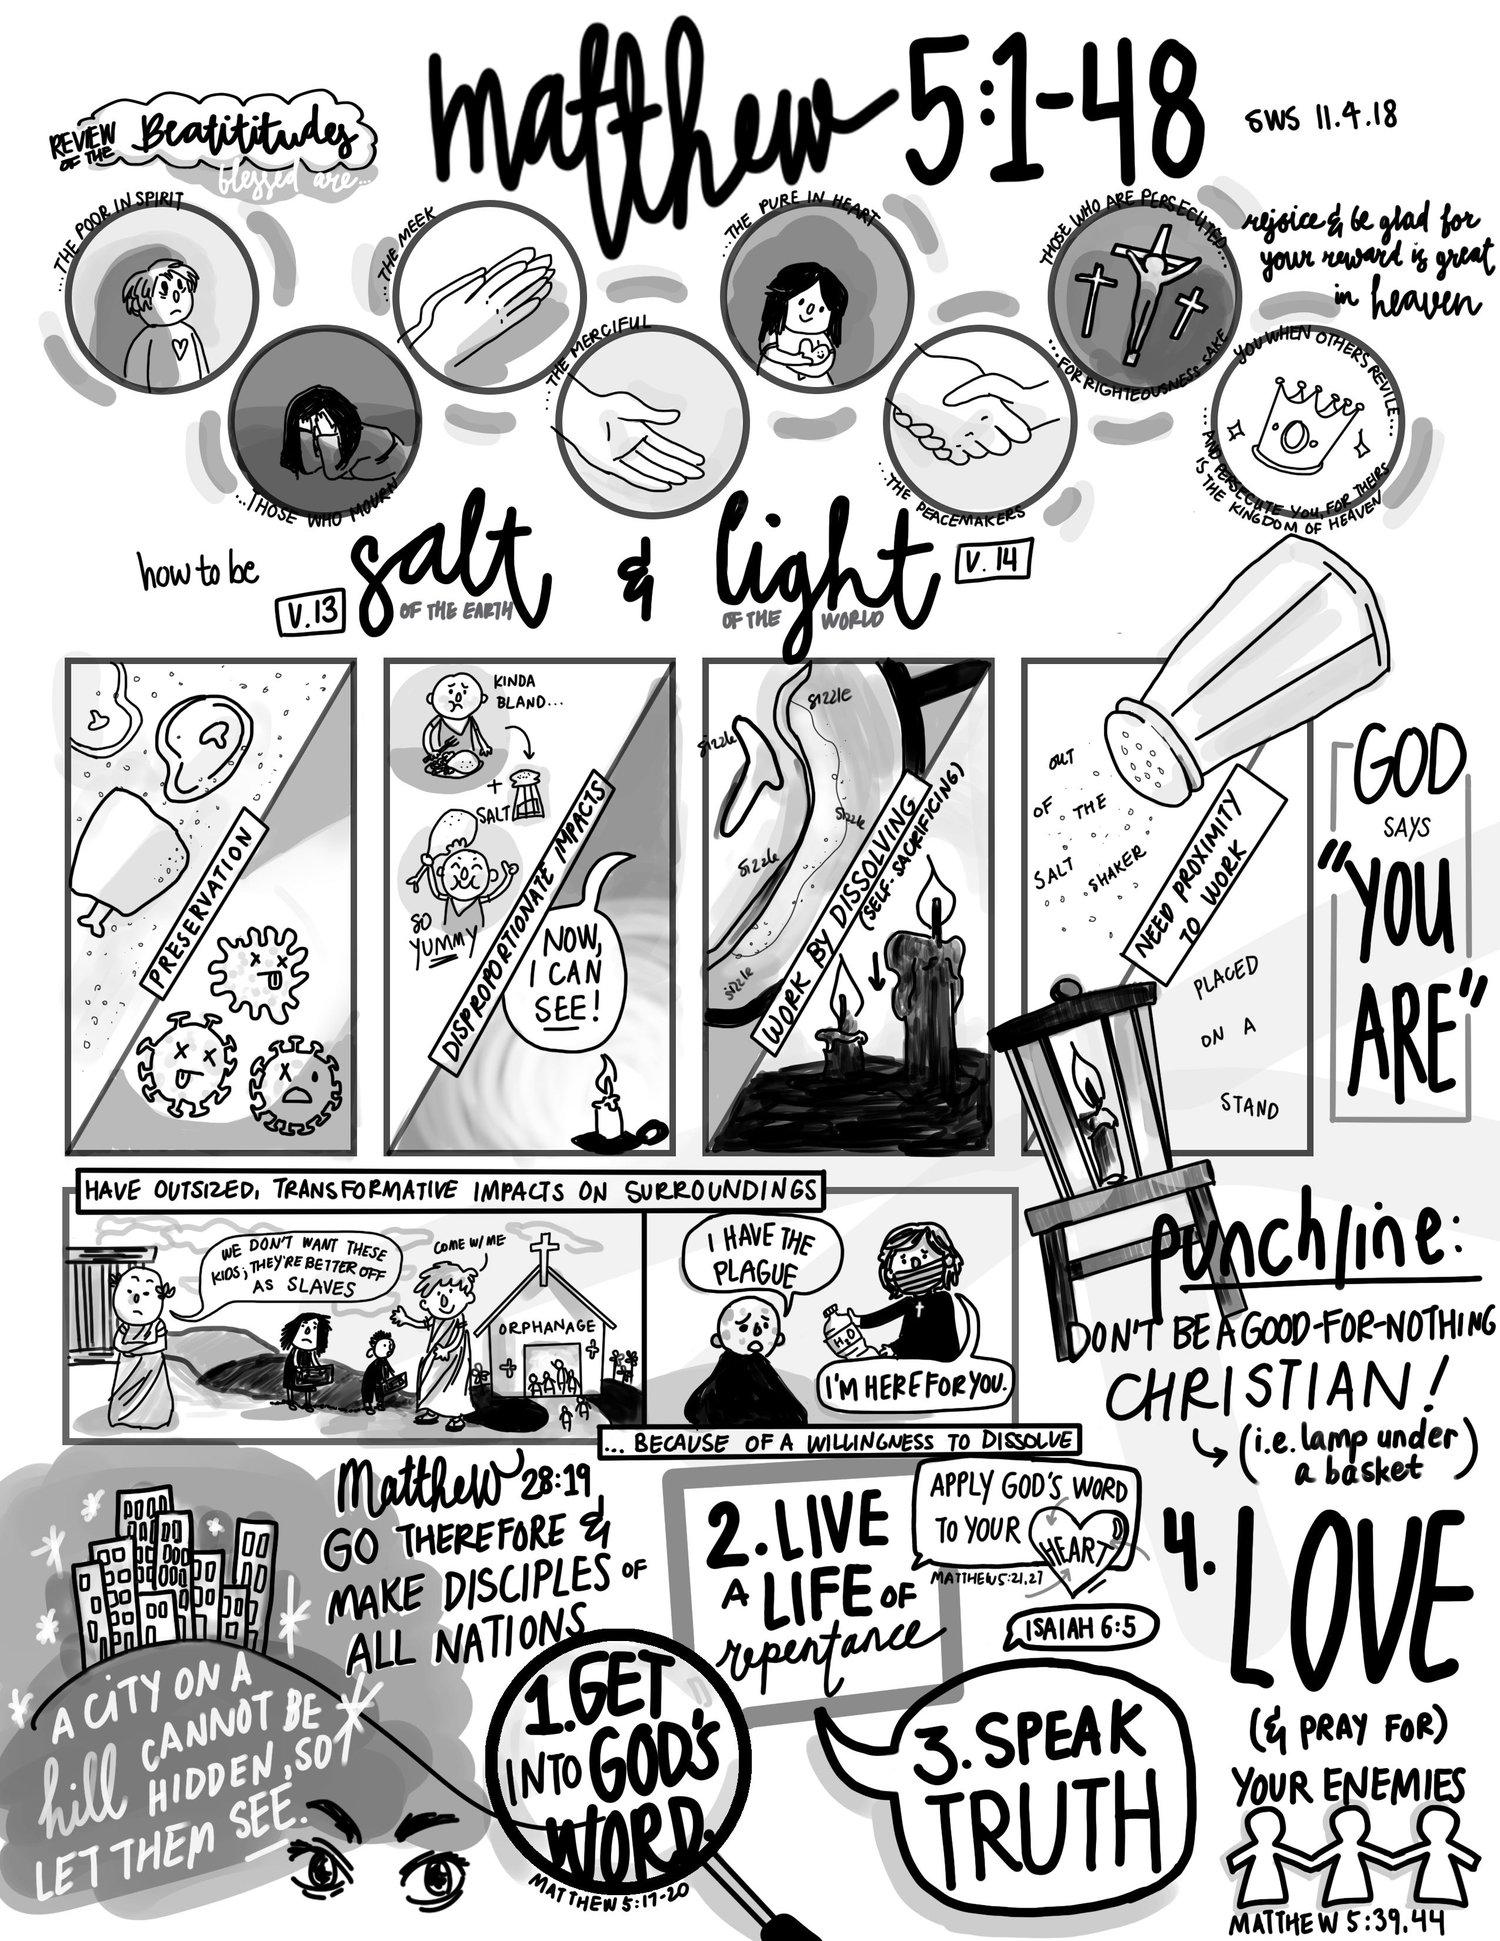 Nov 4 - Salt & Light